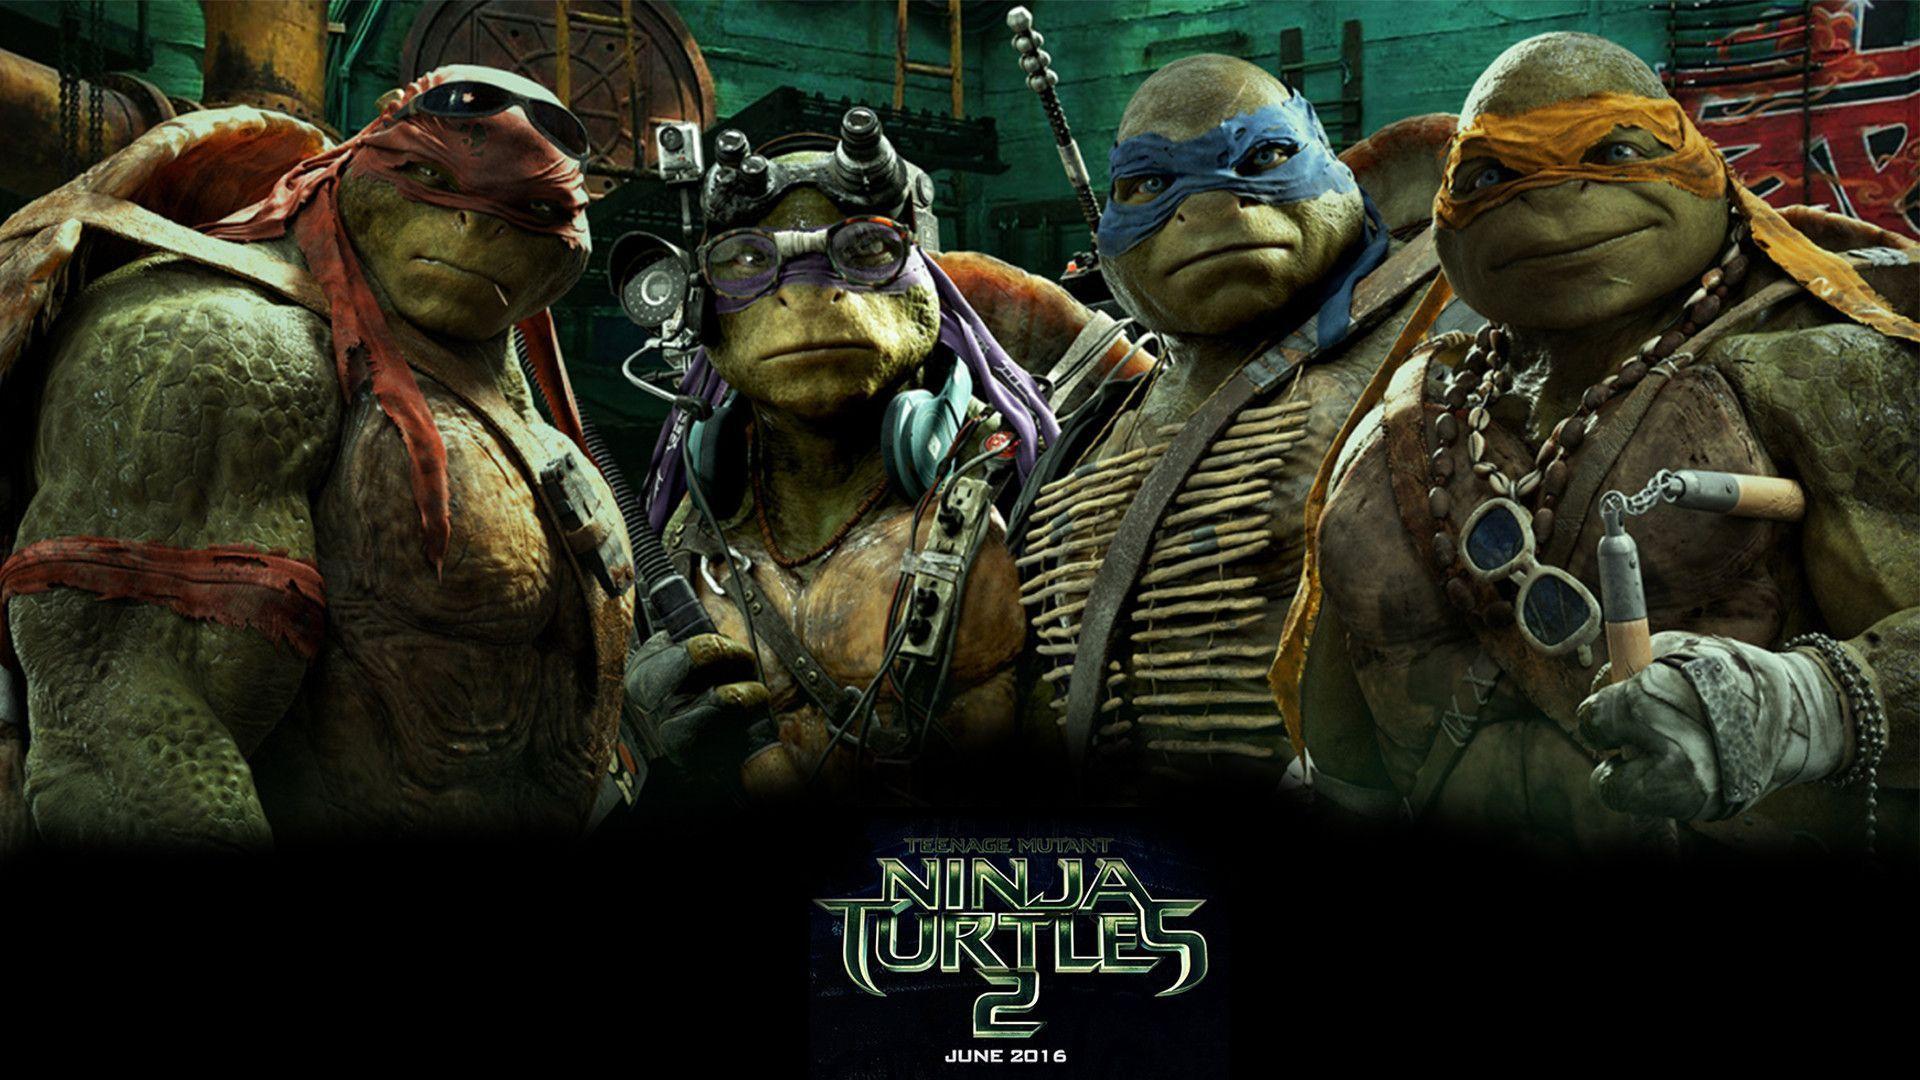 Teenage Mutant Ninja Turtles Out Of The Shadows Desktop Wallpaper .